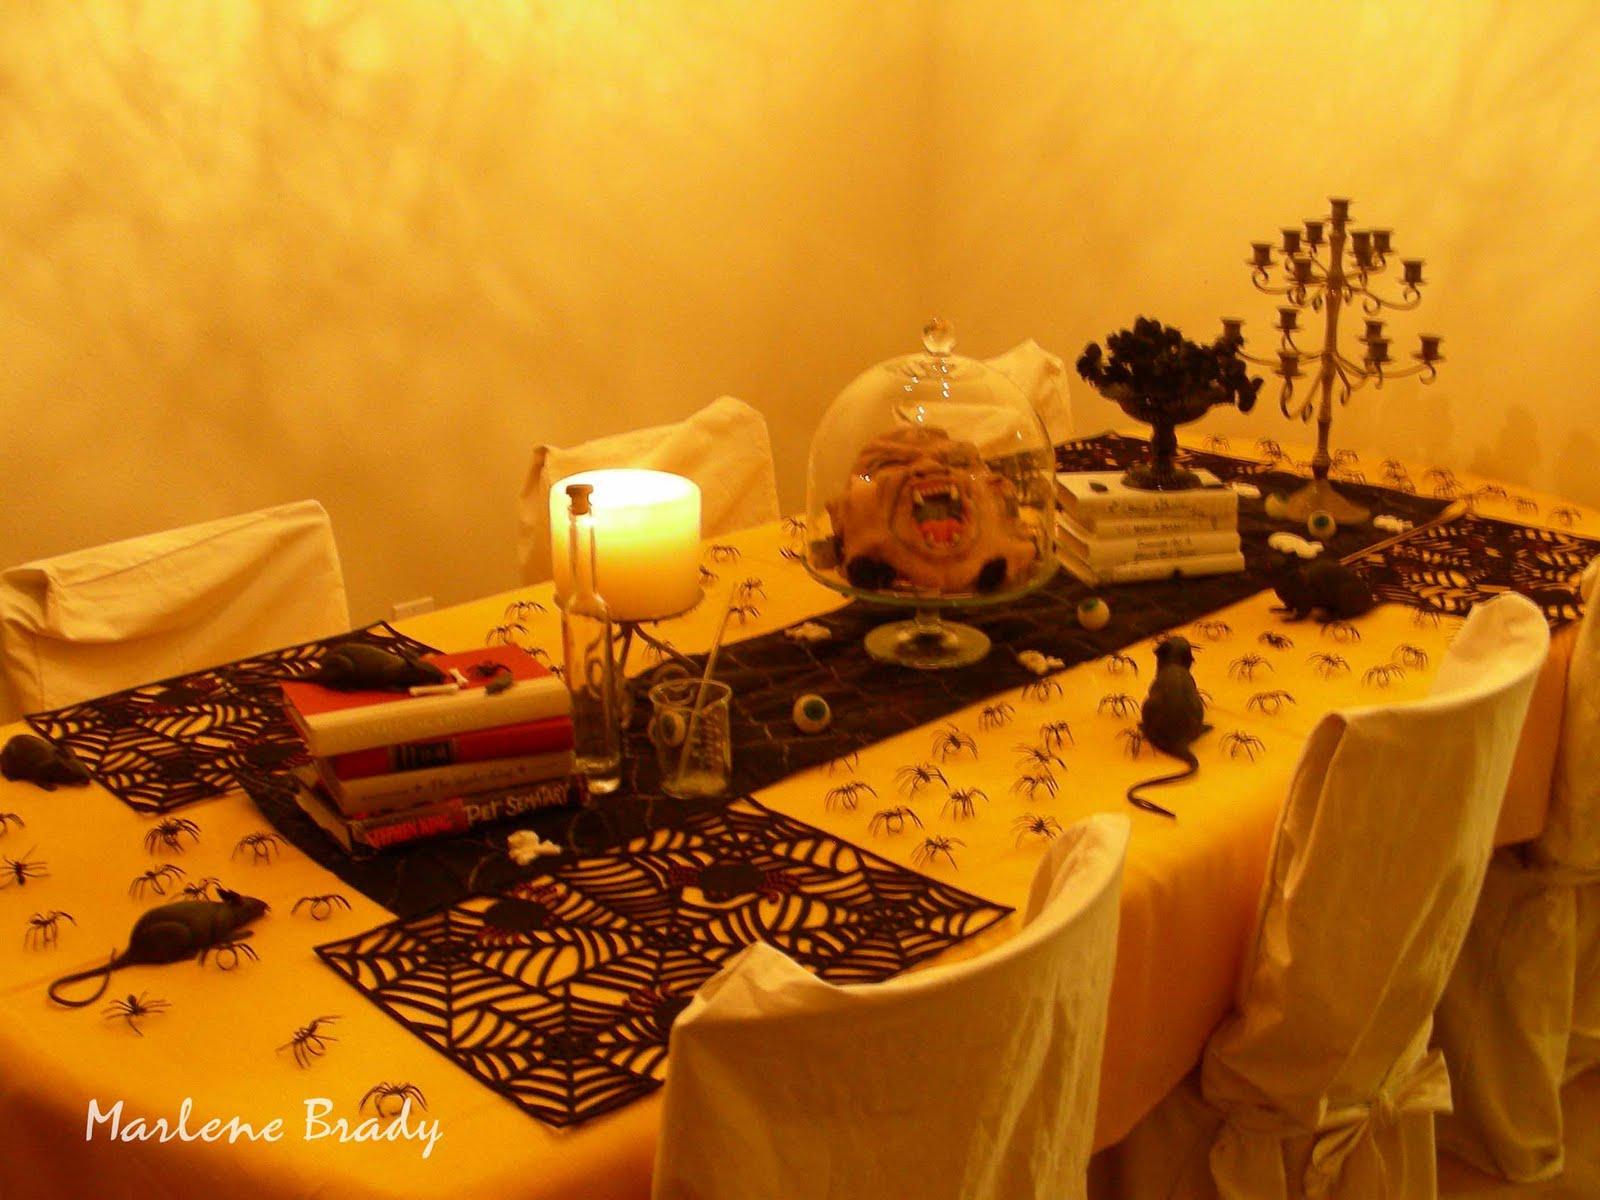 http://3.bp.blogspot.com/_O9bvb5P68oM/TI7yQboZeMI/AAAAAAAAGBs/M3AQB7ZqZgk/s1600/Halloween+%2710+(2).jpg